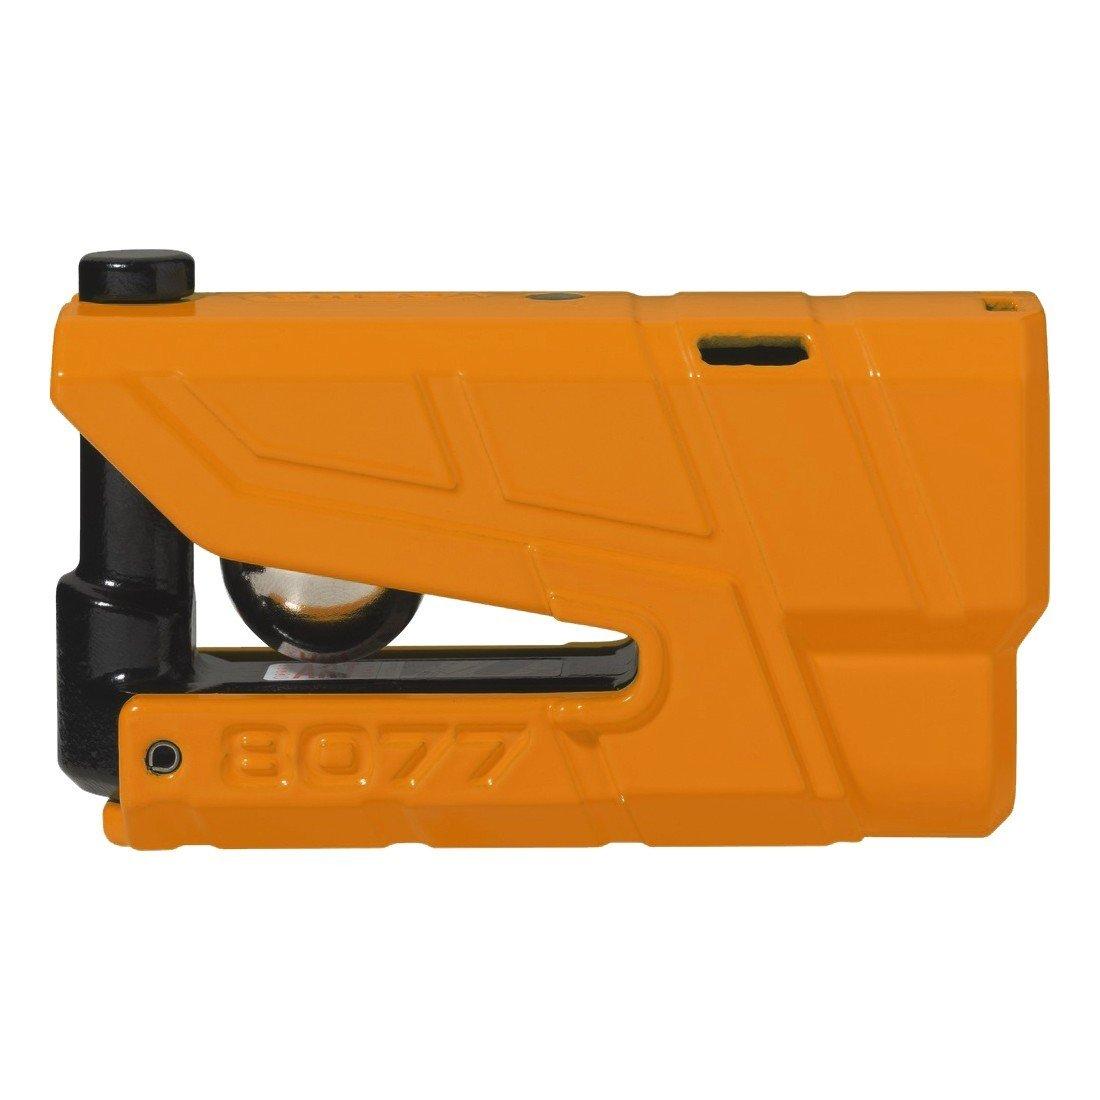 Bezpečnostní zámek na kotouč brzdy s alarmem a pohybovým čidlem 360° ABUS Granit Detecto 8077 (oranžový)